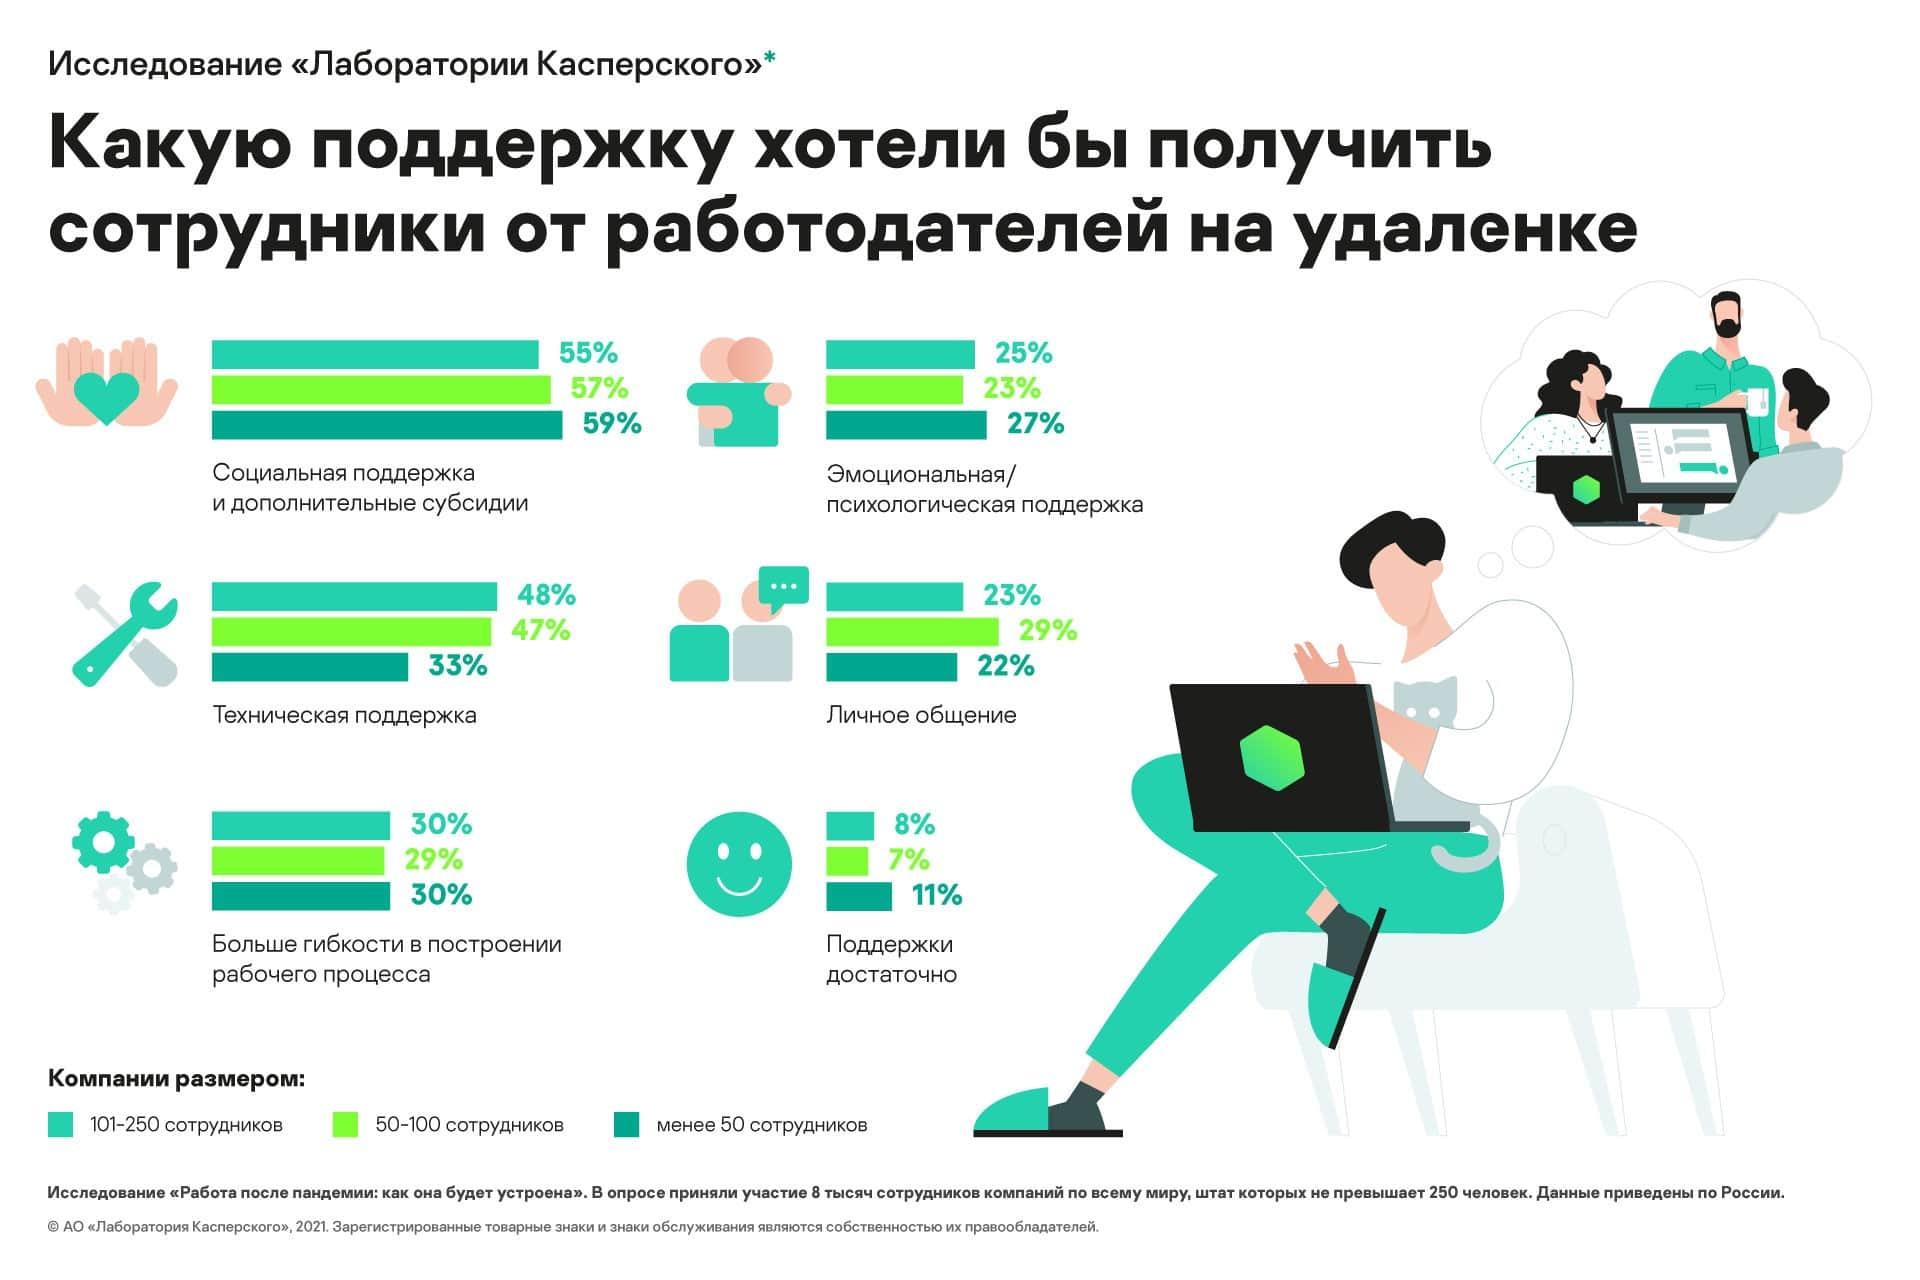 laboratoriya-kasperskogo-sotrudniki-malenkih-firm-bolshe-nuzhdayutsya-v-psihologicheskoi-chem-v-tehnicheskoi-podderzhke-ot-rabotodatelei.jpg